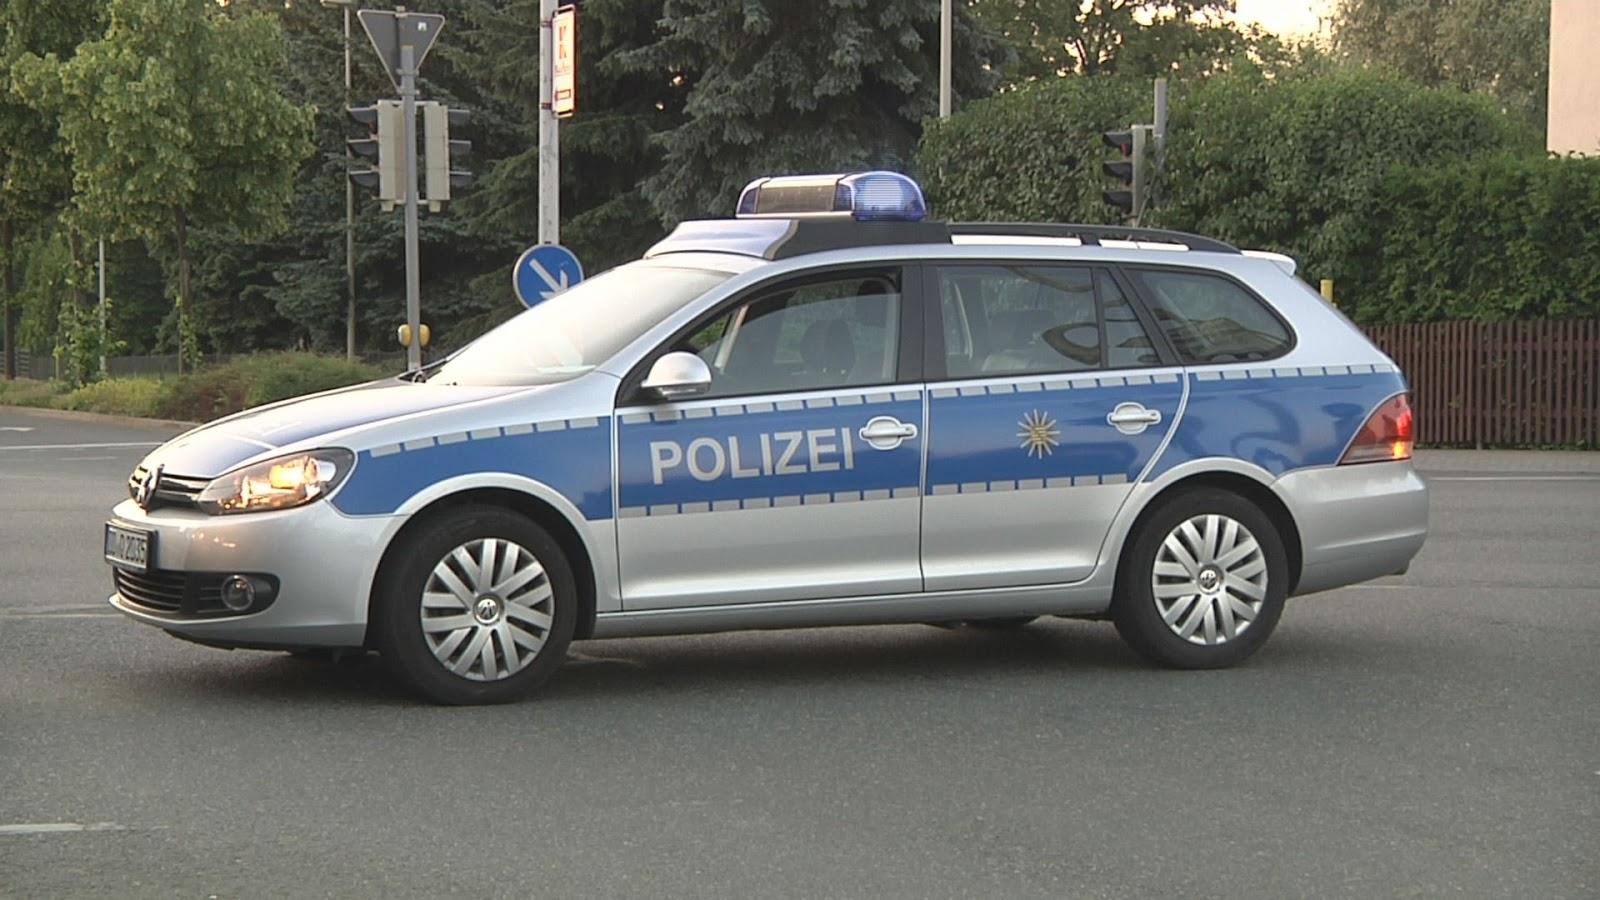 Polizei Handyvertrag